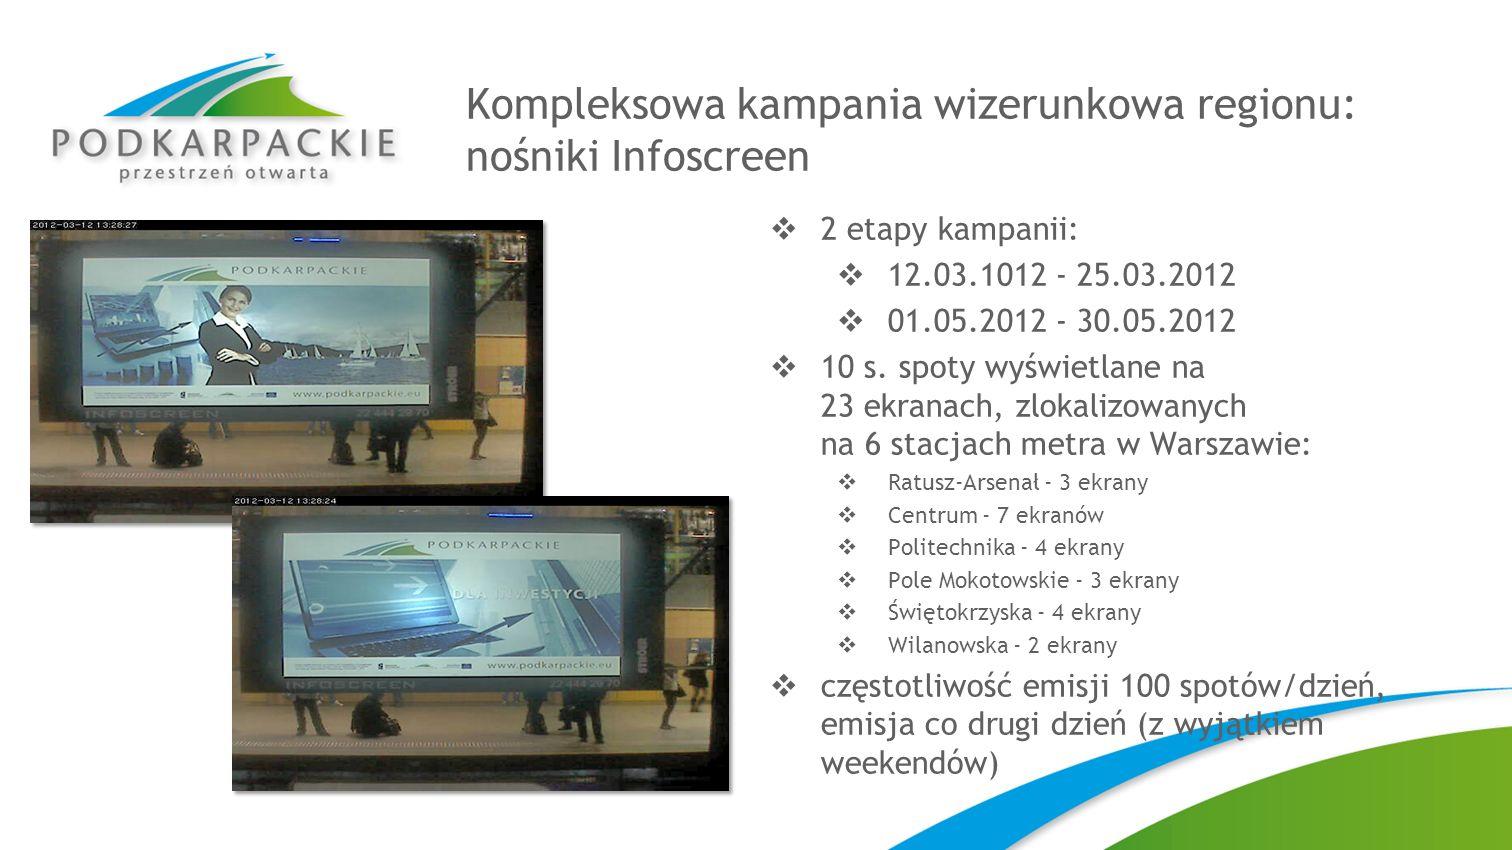 Kompleksowa kampania wizerunkowa regionu: nośniki Infoscreen 2 etapy kampanii: 12.03.1012 - 25.03.2012 01.05.2012 - 30.05.2012 10 s. spoty wyświetlane